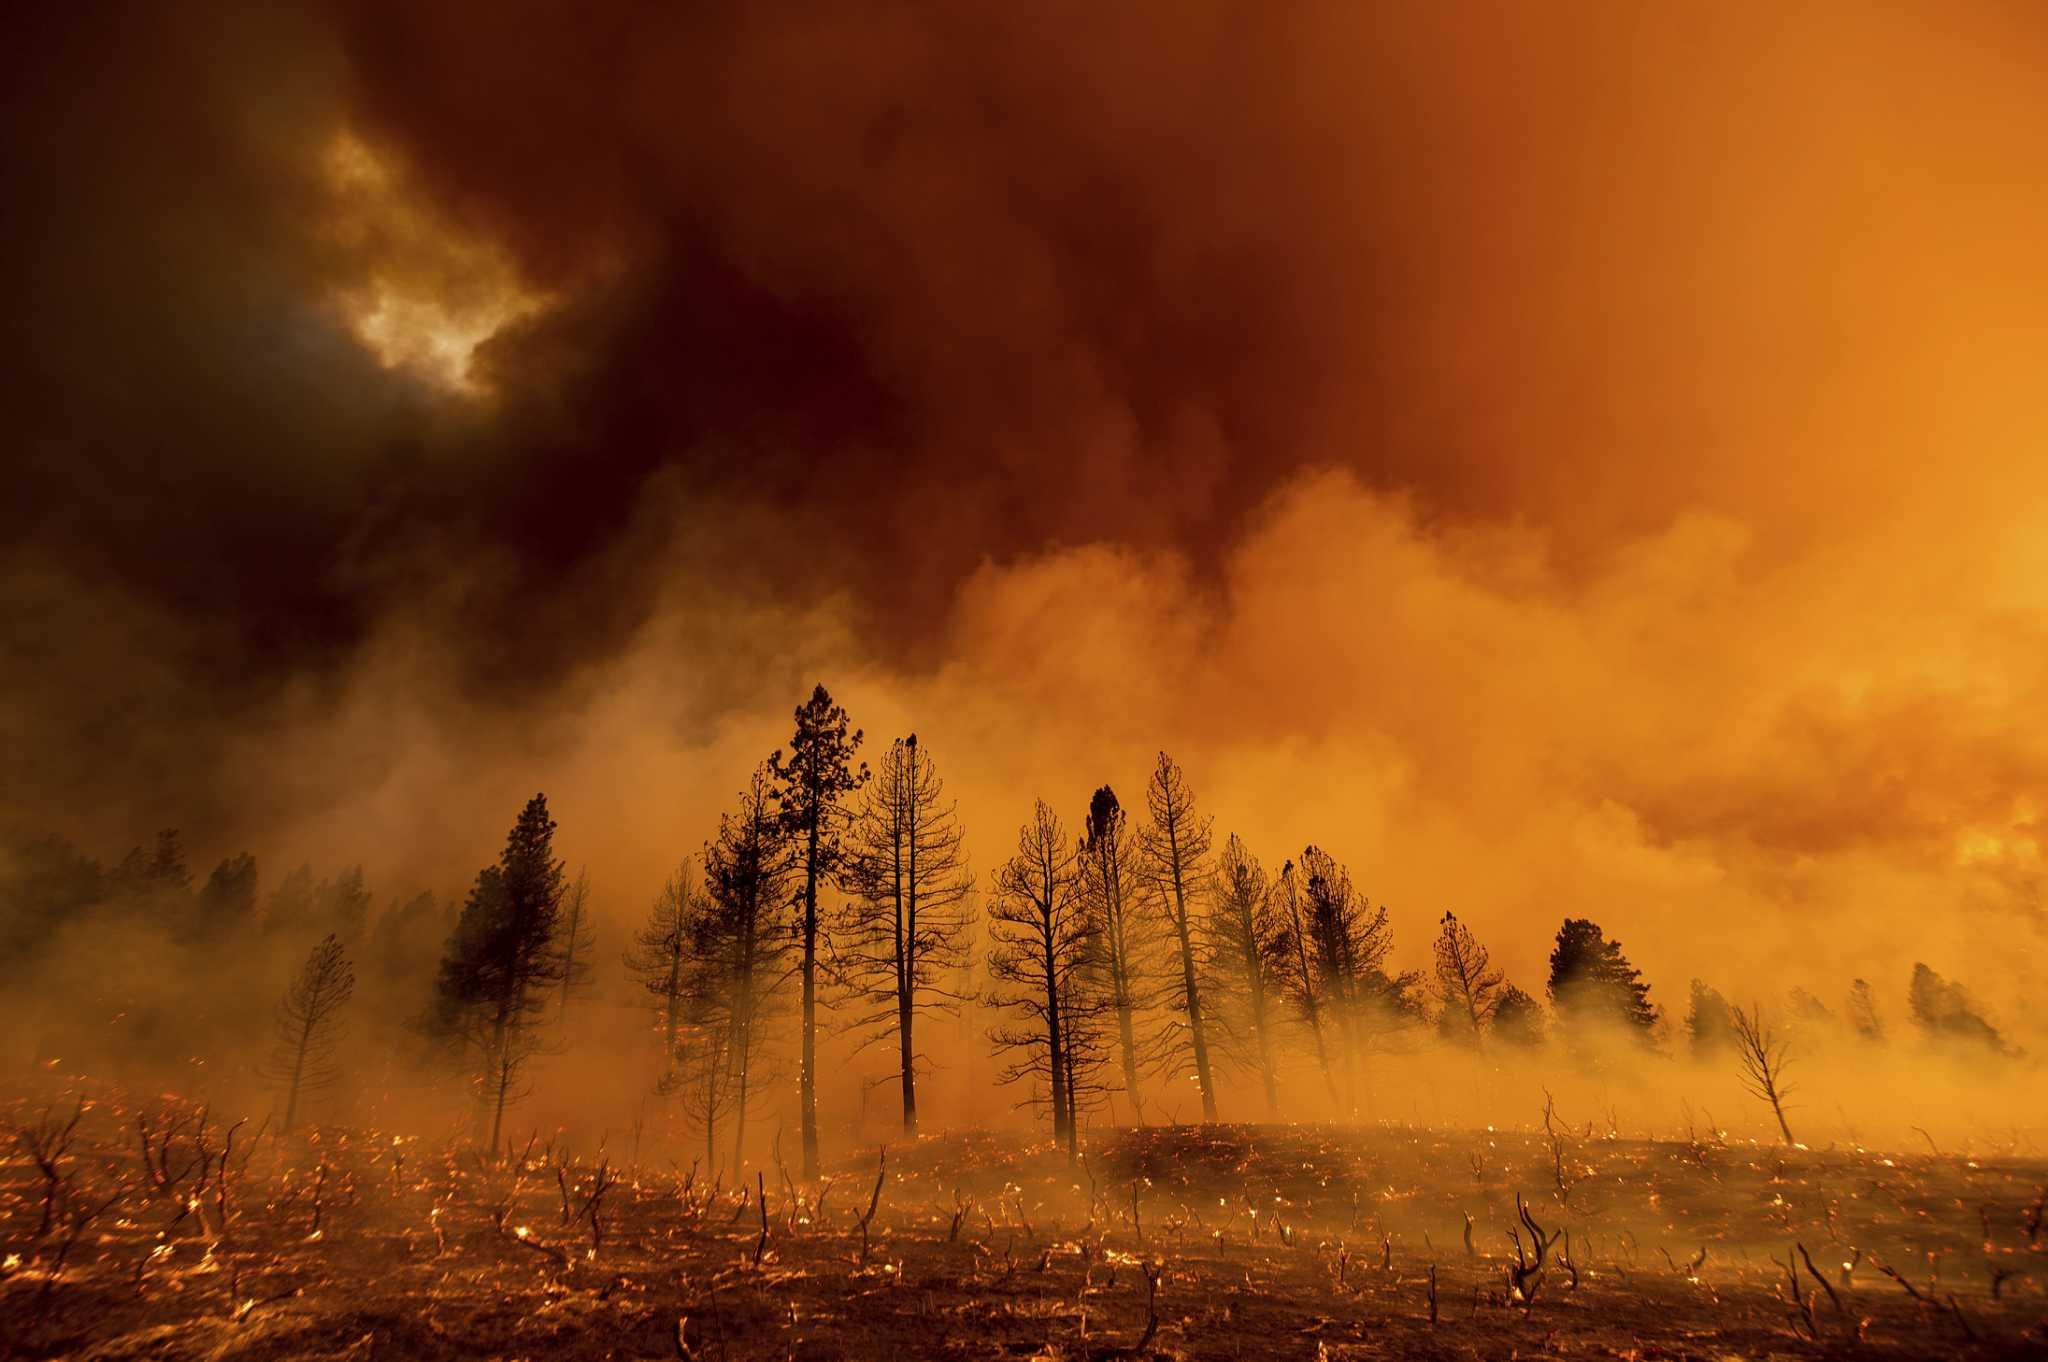 天干物燥,野火四起!华盛顿州、俄勒冈州和加州多处起火;不列颠哥伦比亚省300多起野火正在燃烧